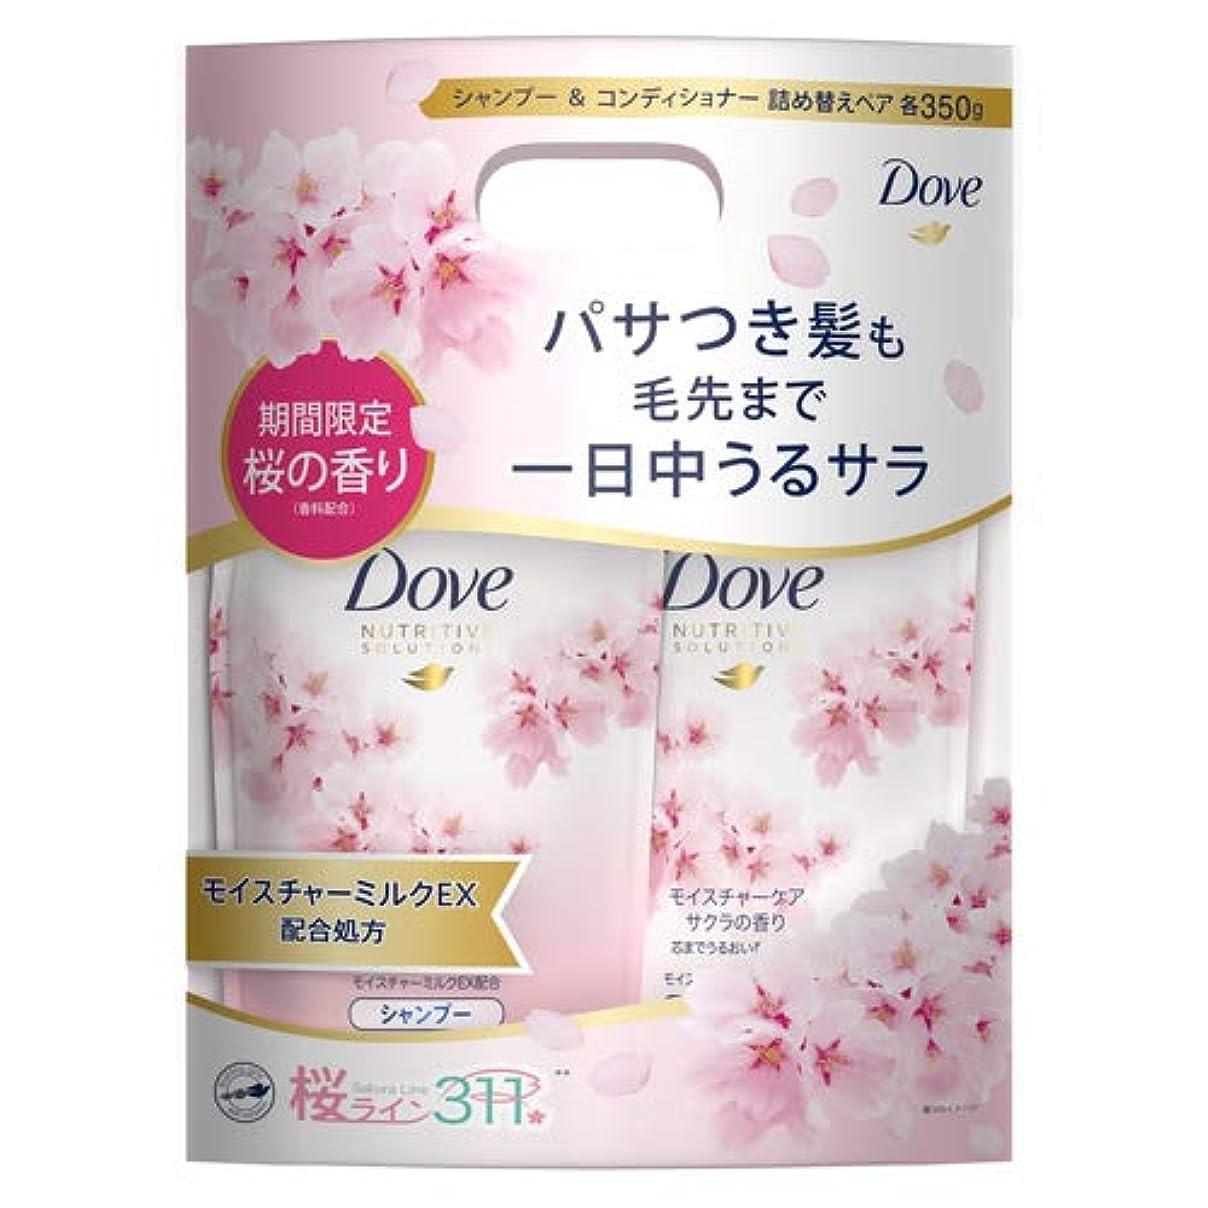 スキャンスキャンダラス会計士Dove(ダヴ) ダヴモイスチャー サクラ かえペア ボディソープ 詰替え用 350g+350g